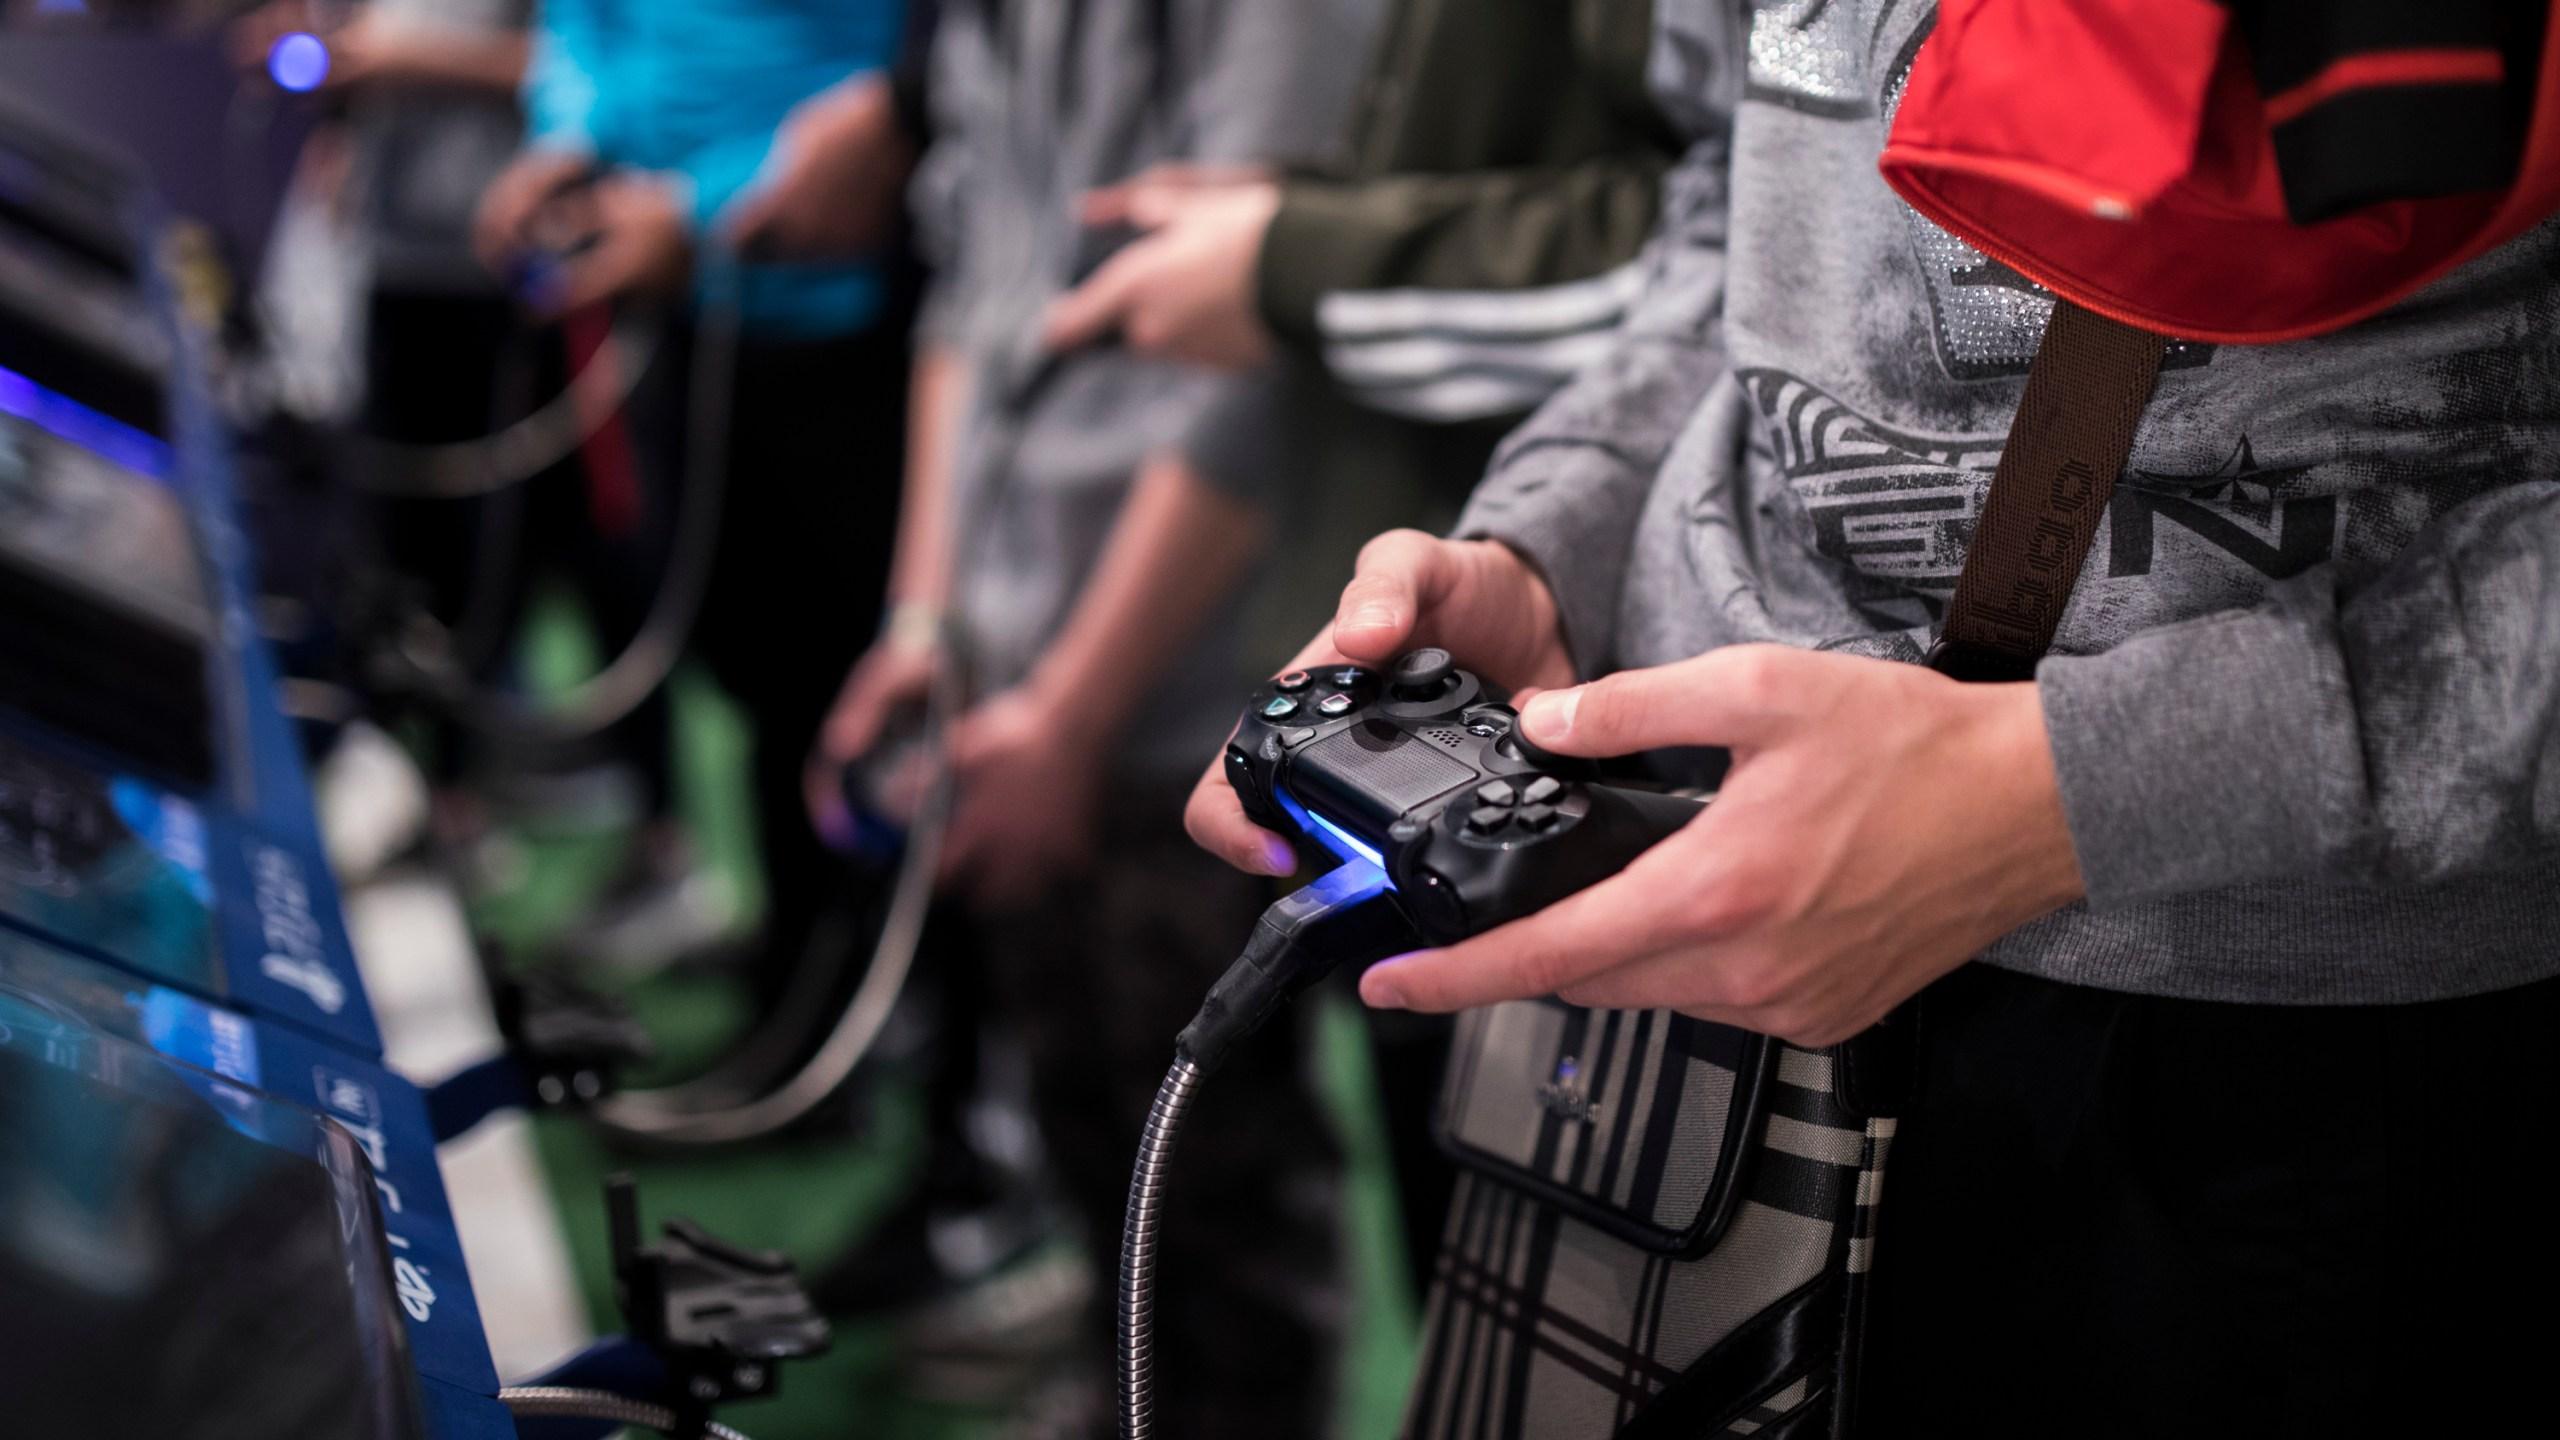 Gaming_Disorder_29668-159532.jpg64906771